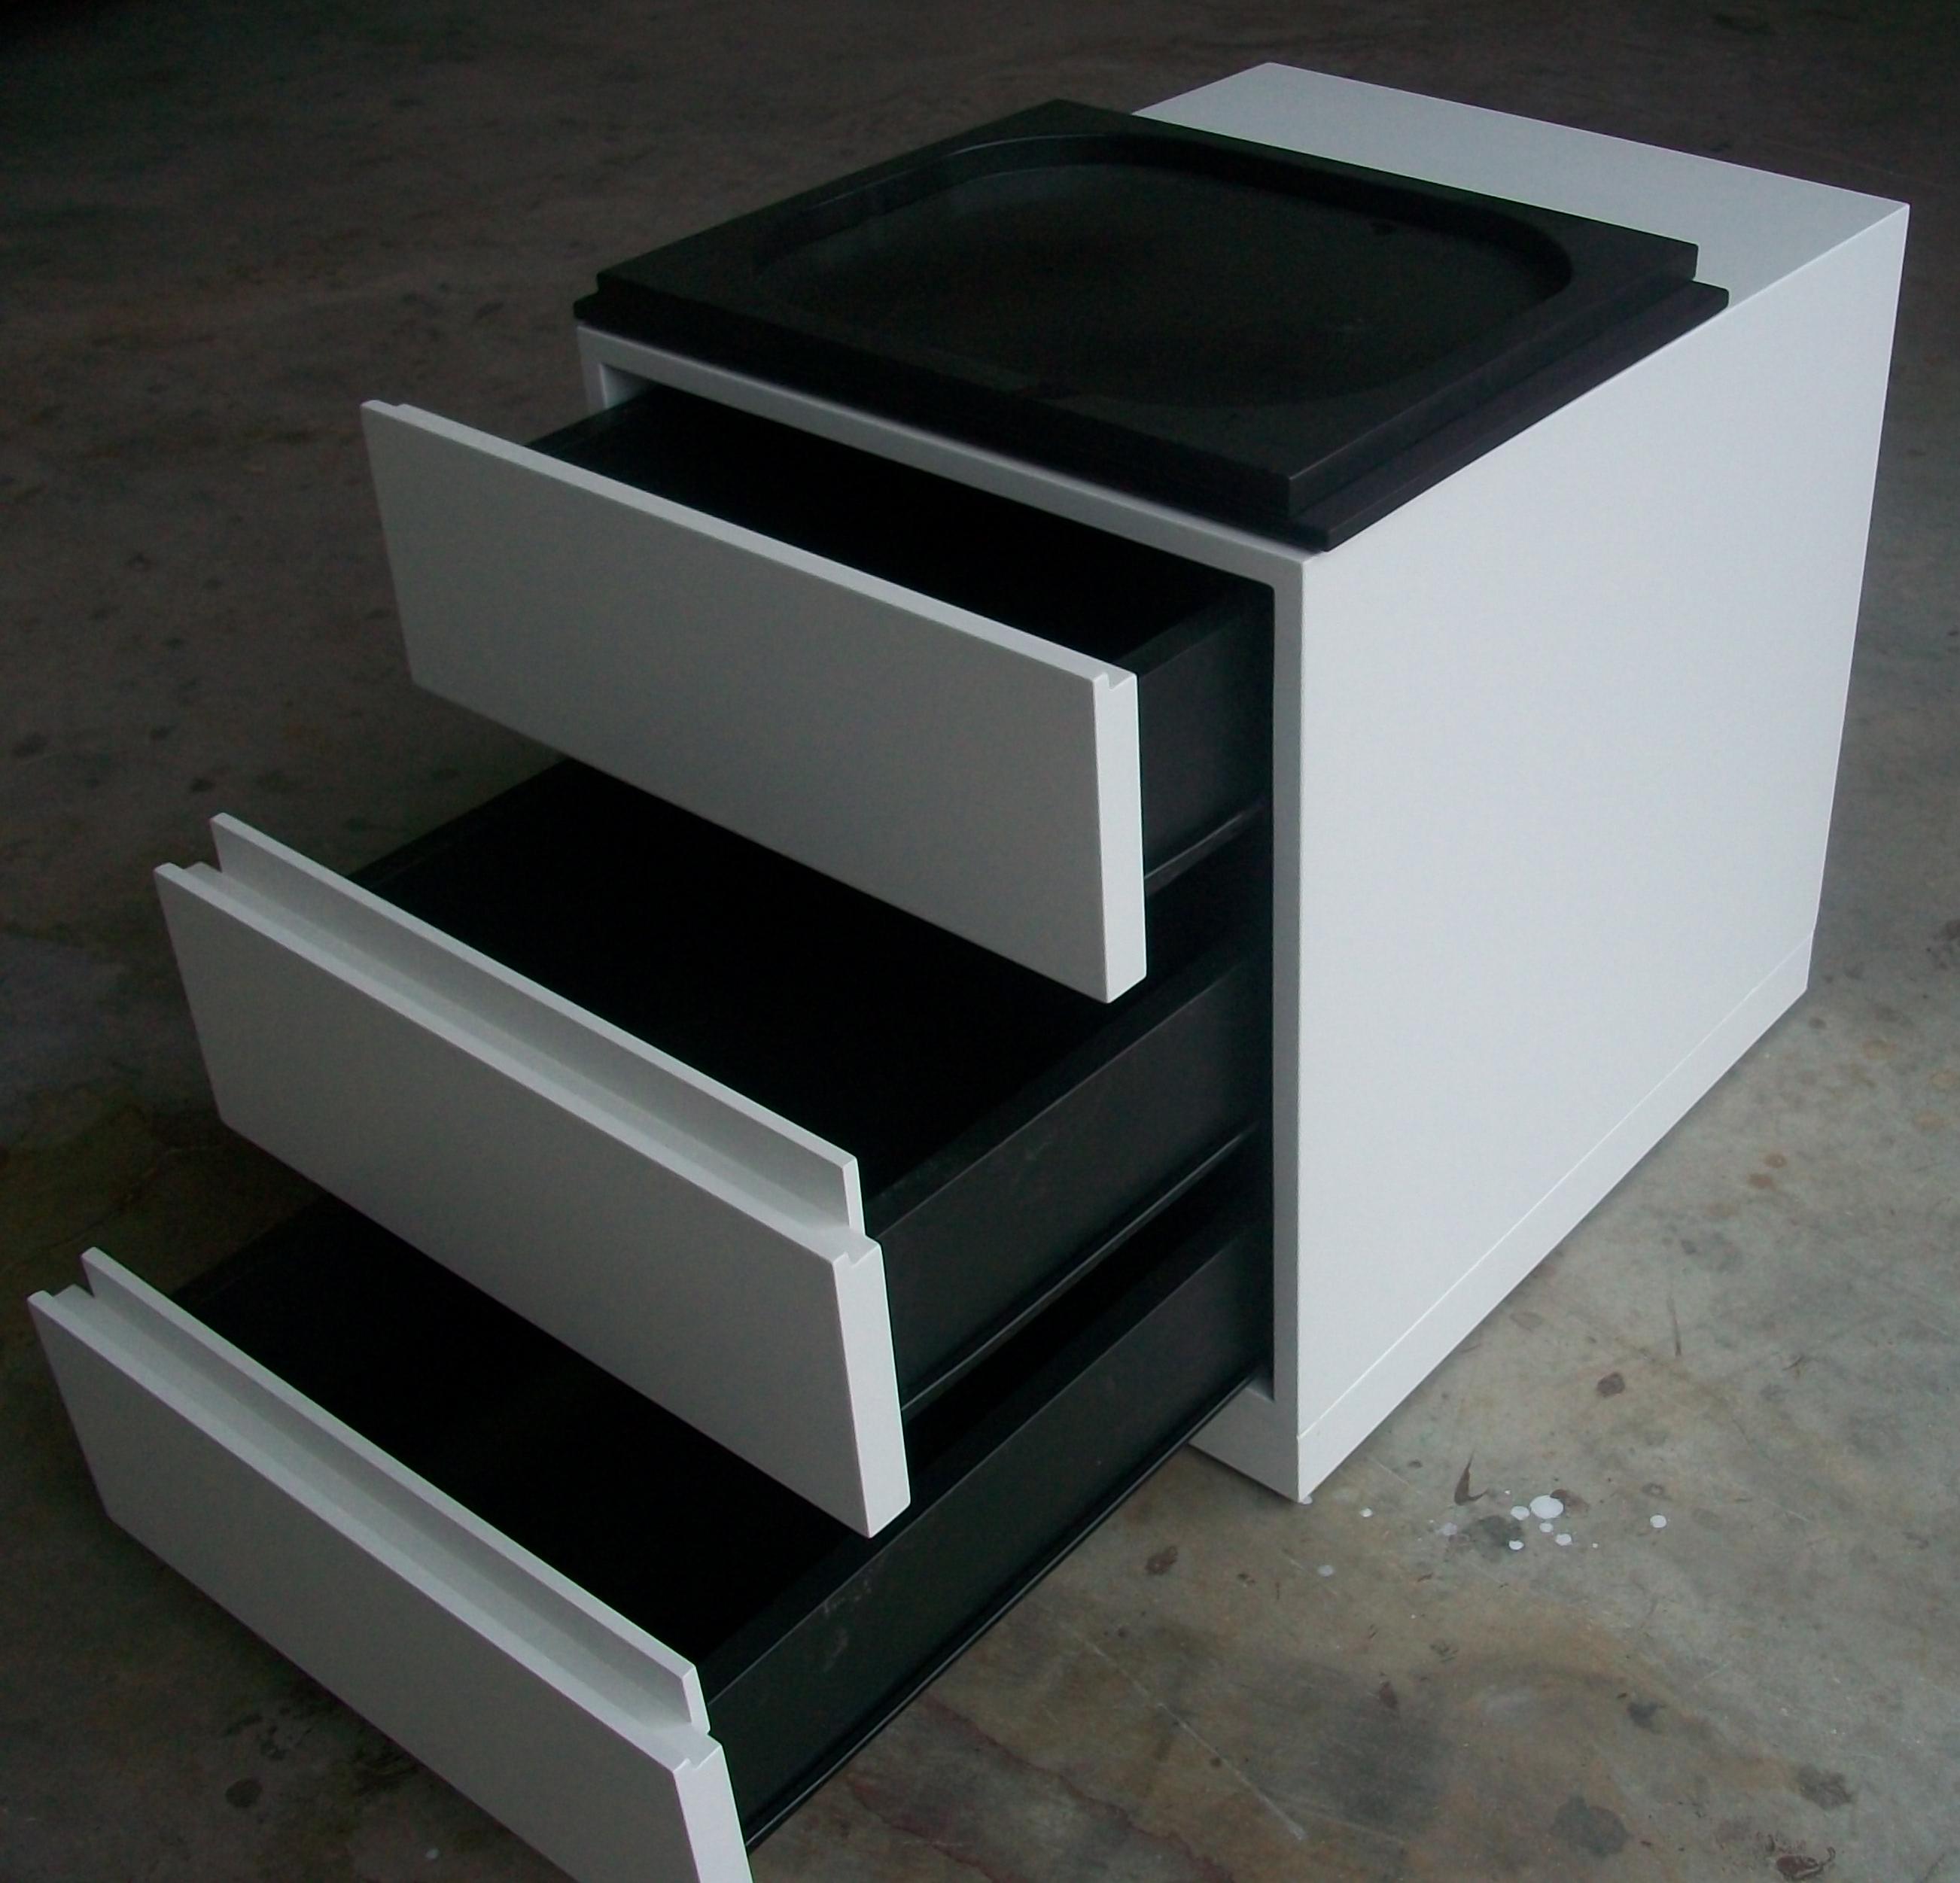 Muebles A Medida En Valencia Fabricantes Desde Hace M S De 20 A Os  # Muebles Volumen